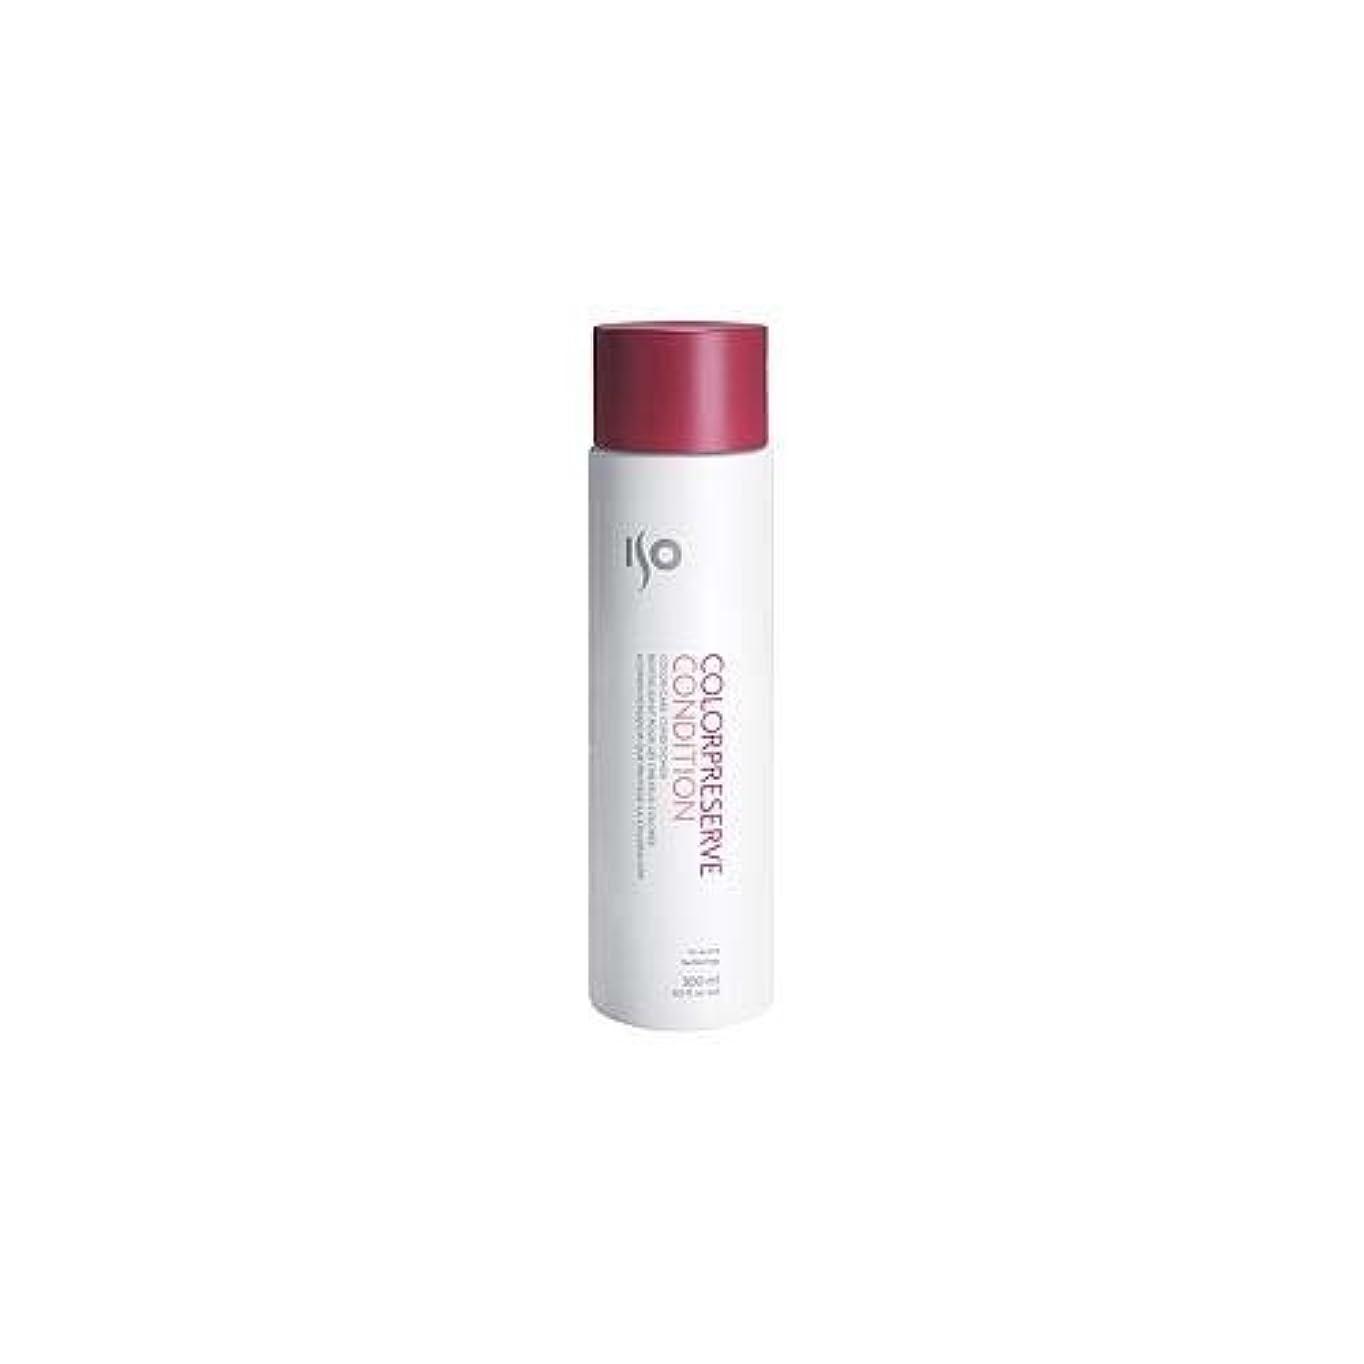 ピジン欠陥評価可能カラープリサーブカラーヘア用コンディショナー 1lt (並行輸入品)